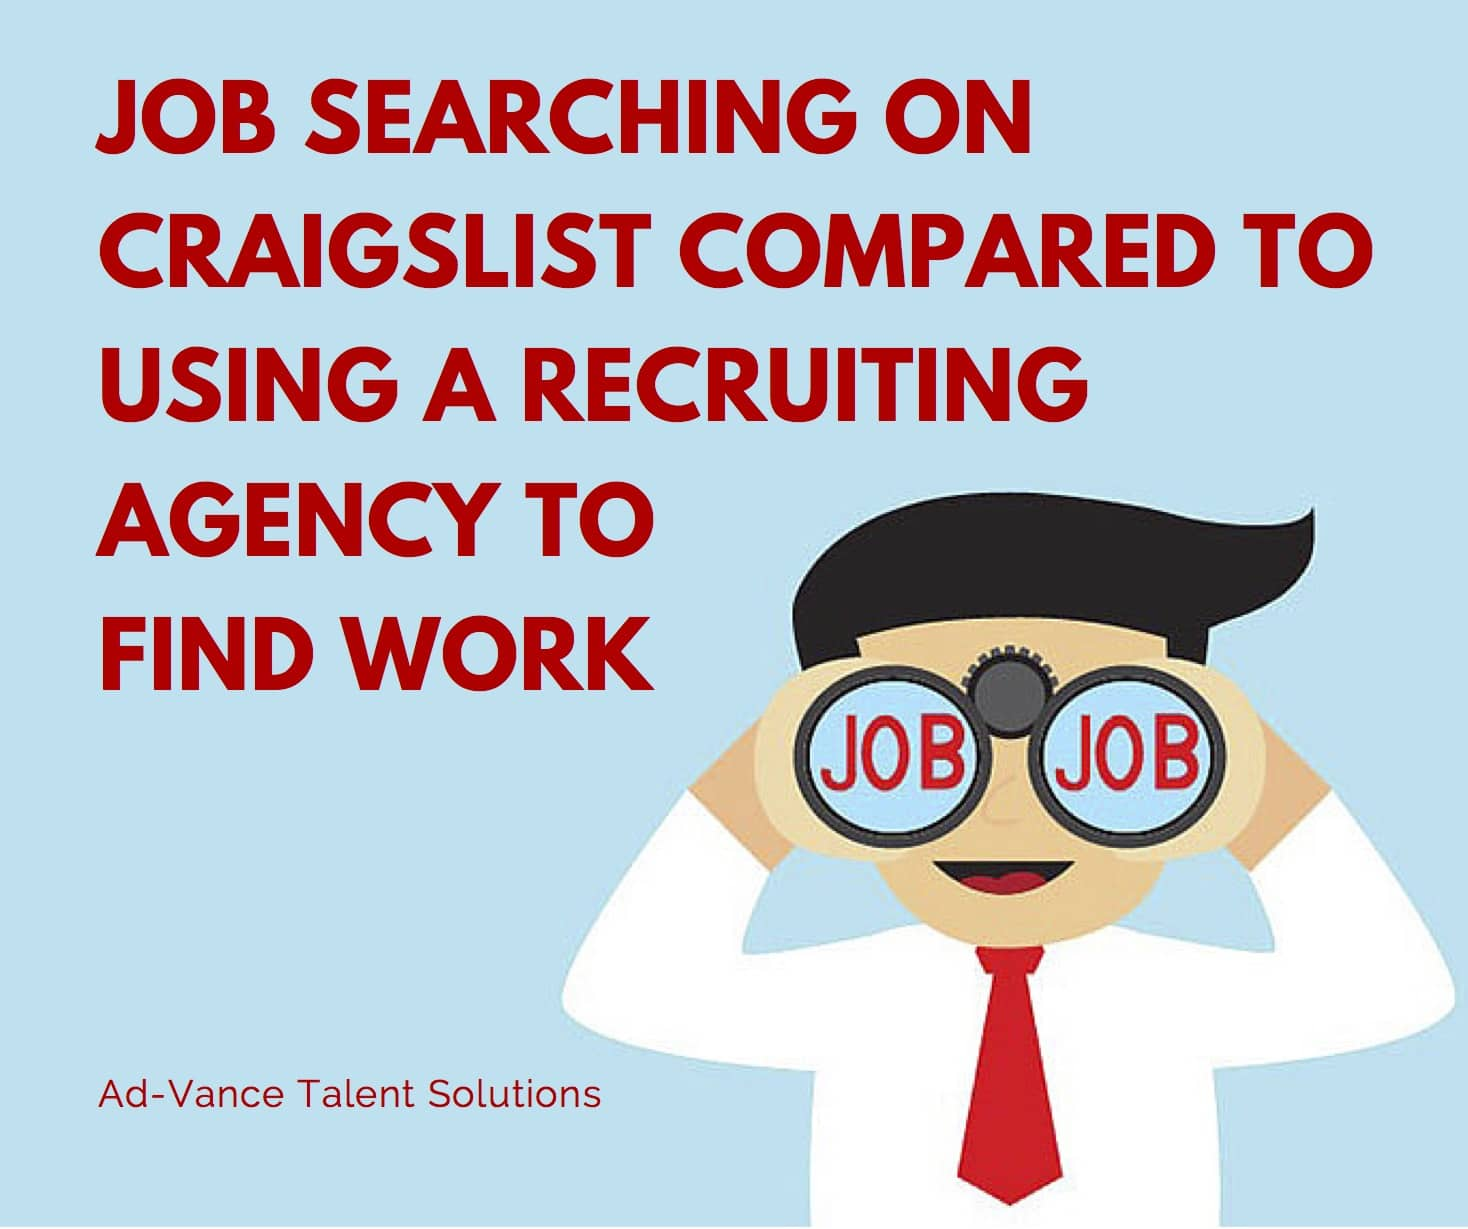 jobs on craigslist